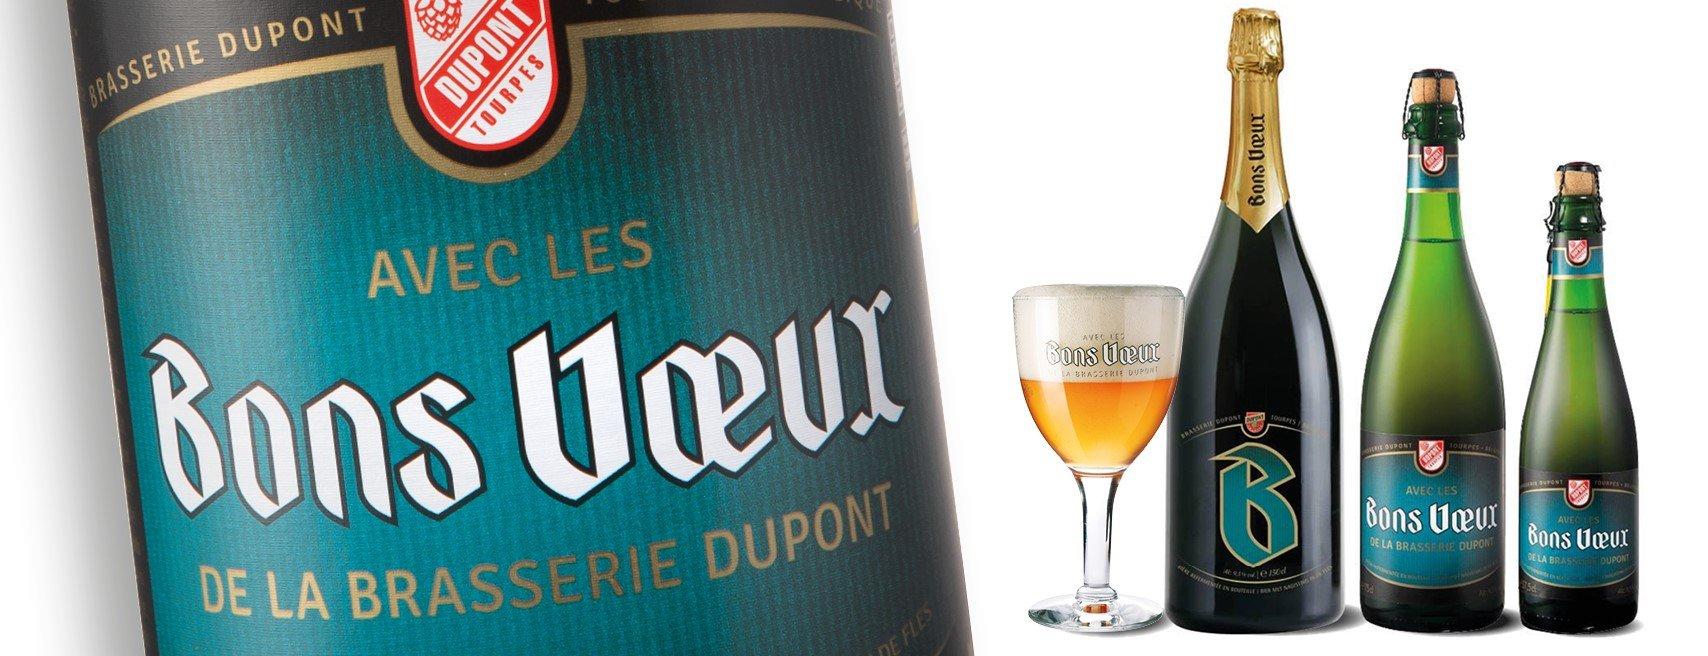 Bière Bons Voeux brasserie Dupont